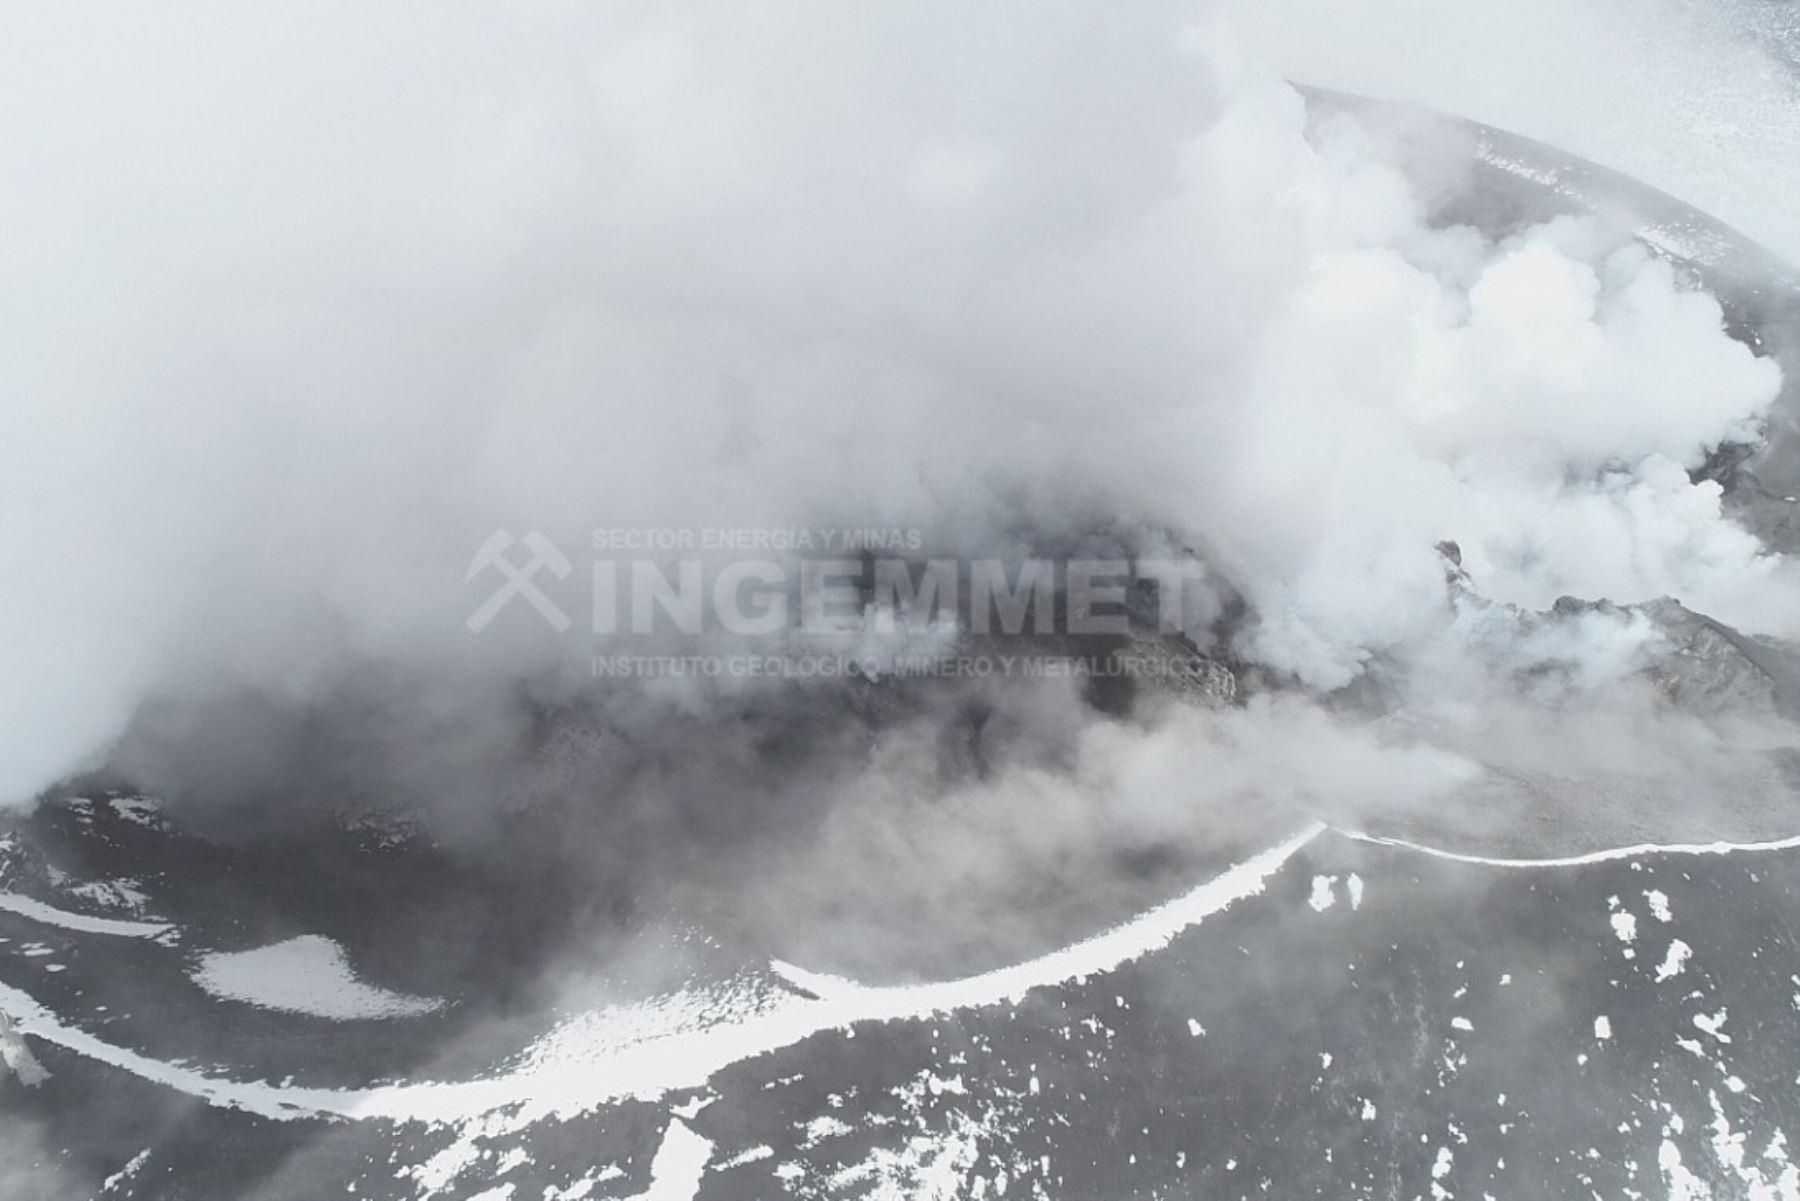 El Ingemmet efectuó sobrevuelo con dron el cráter del volcán Sabancaya, ubicado en la región Arequipa.